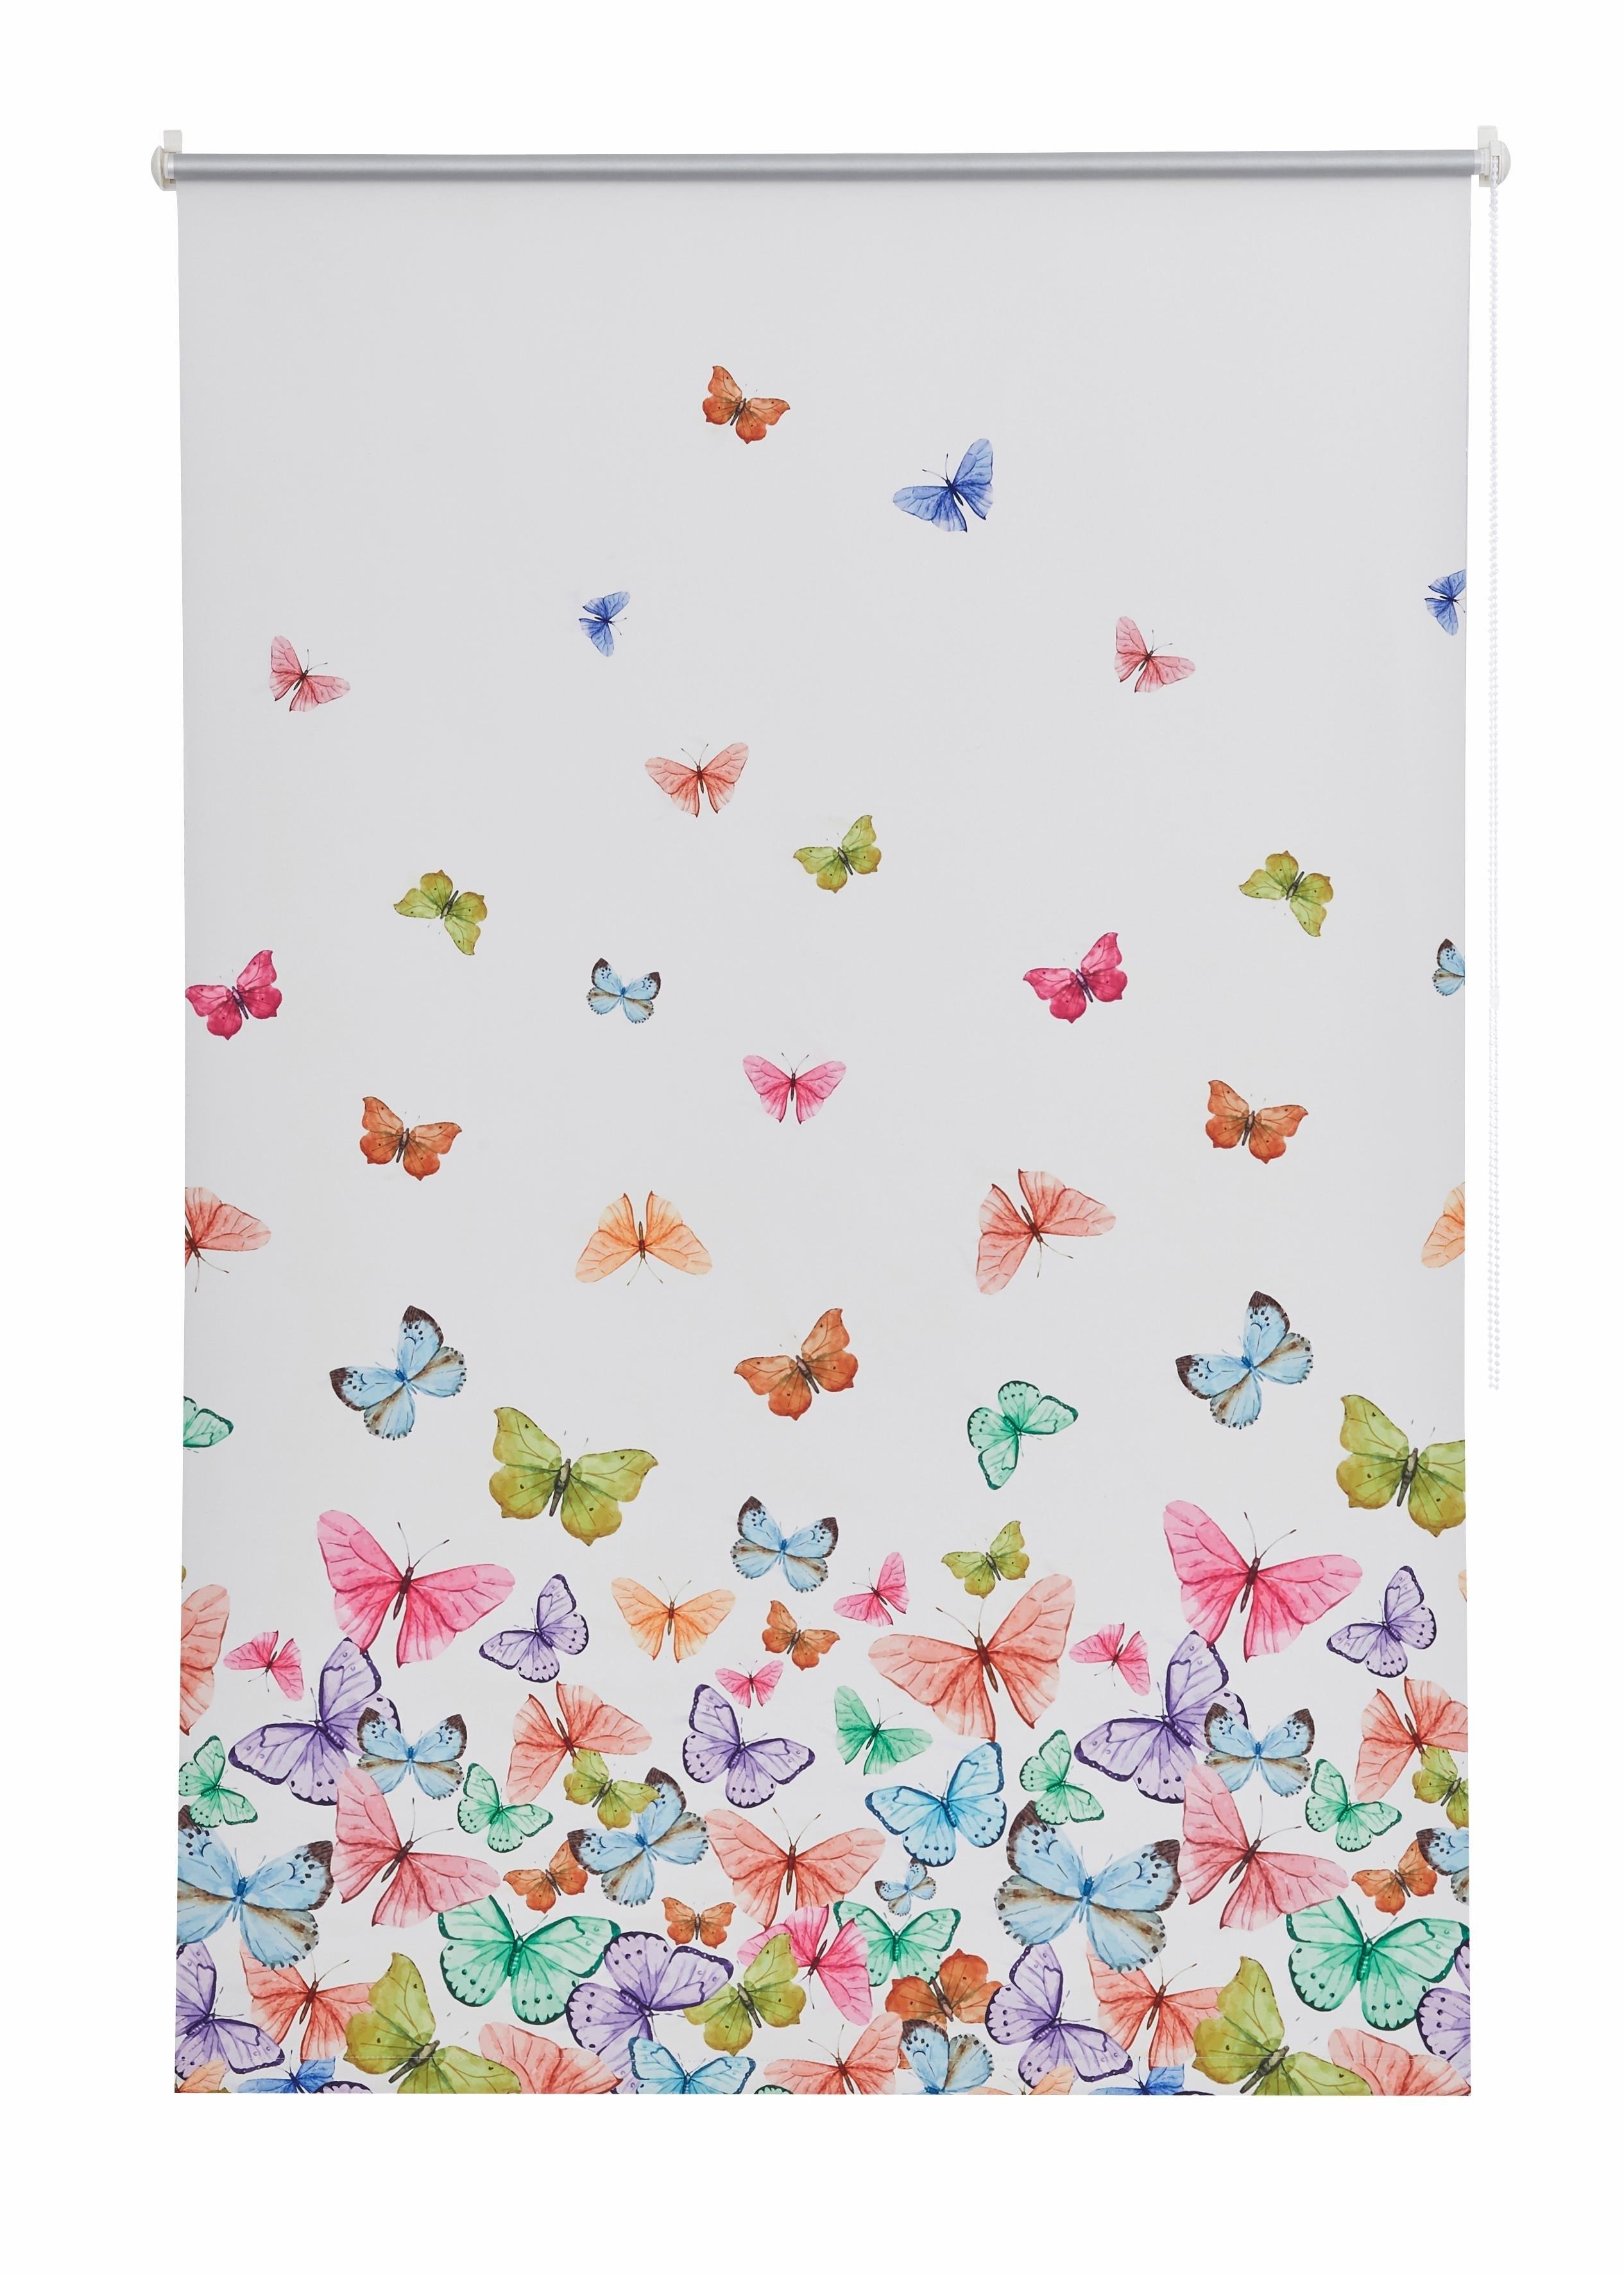 Home Affaire Rolgordijn met zijbediening,COLLECTION, »Butterfly«, verduisterend/energiebesparend - gratis ruilen op otto.nl